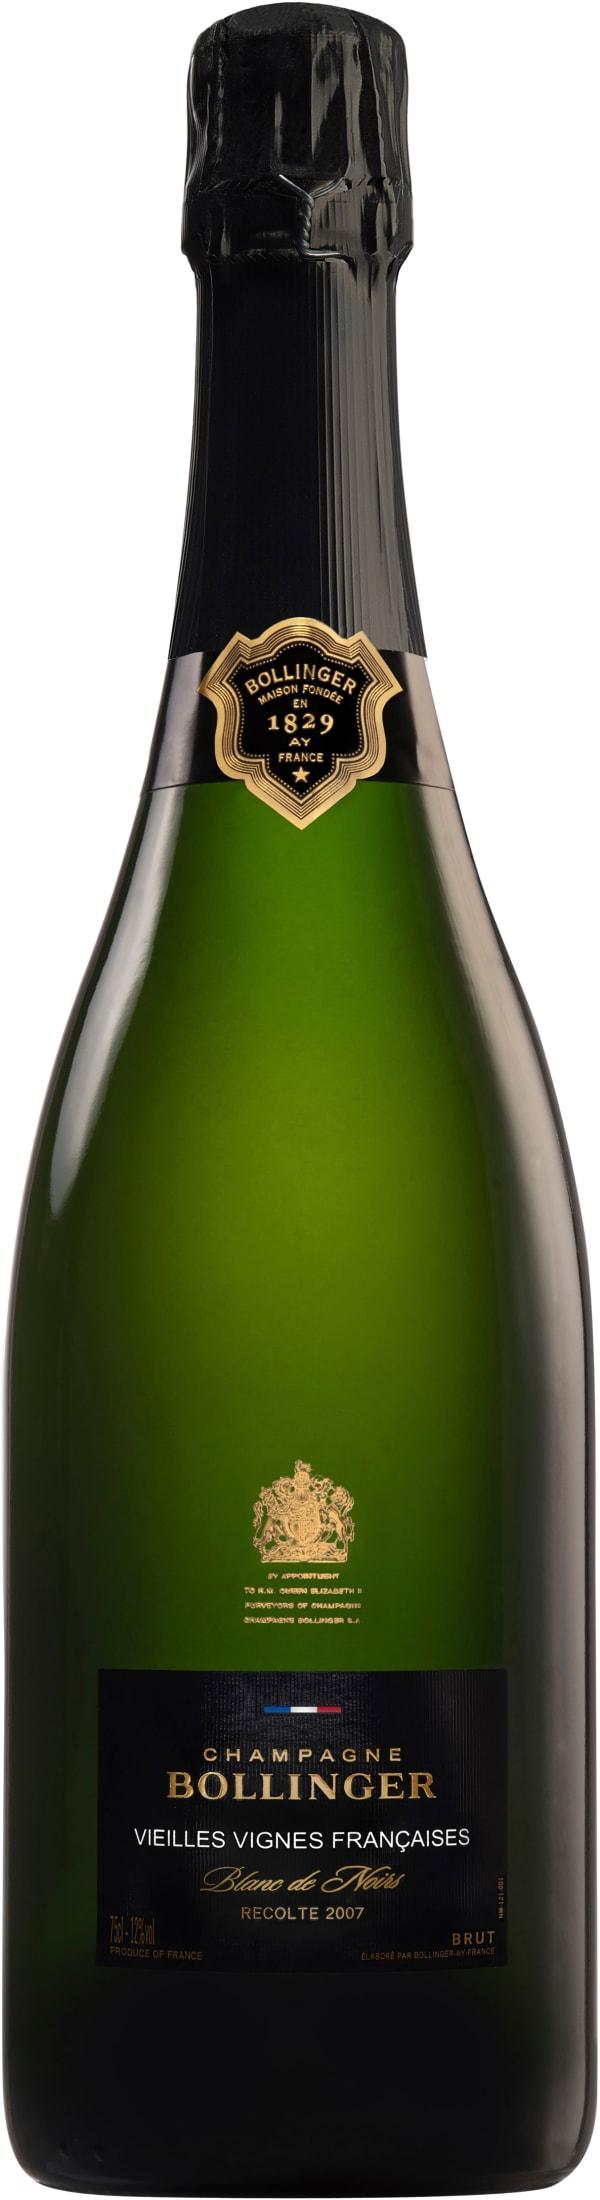 Bollinger Vieilles Vignes Françaises Blanc de Noirs Champagne Brut 2007